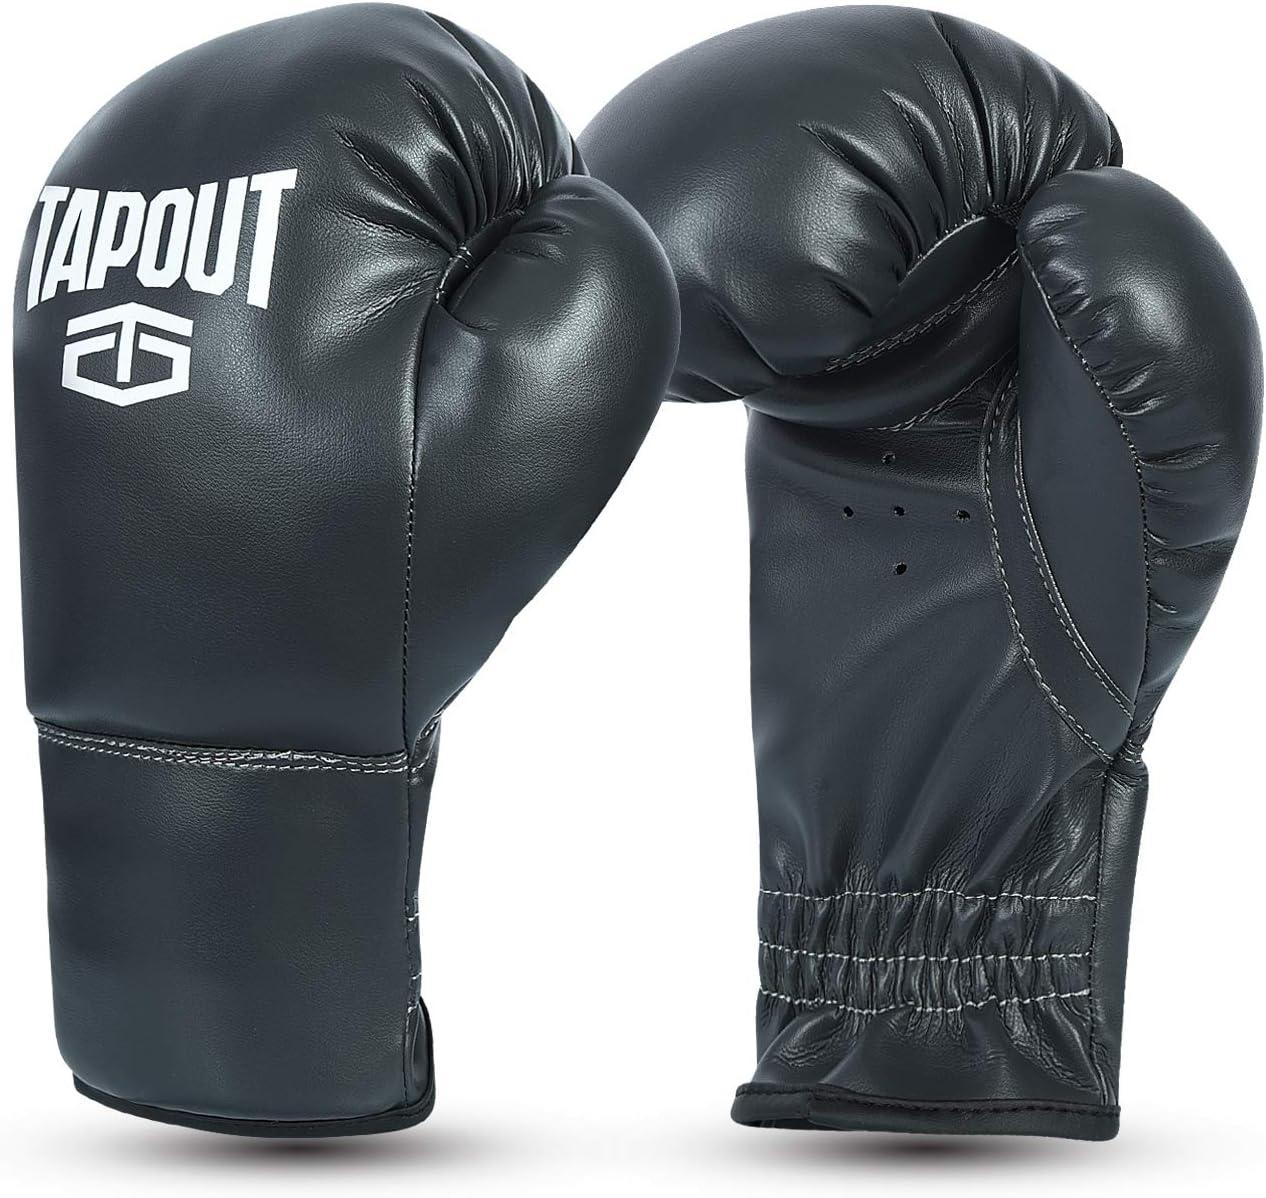 Tapout Kit Boxeo Guantes Ni/ño Ni/ña y Manoplas Combo Conjunto Entrenamiento PU Principiante Kids Junior Trainer